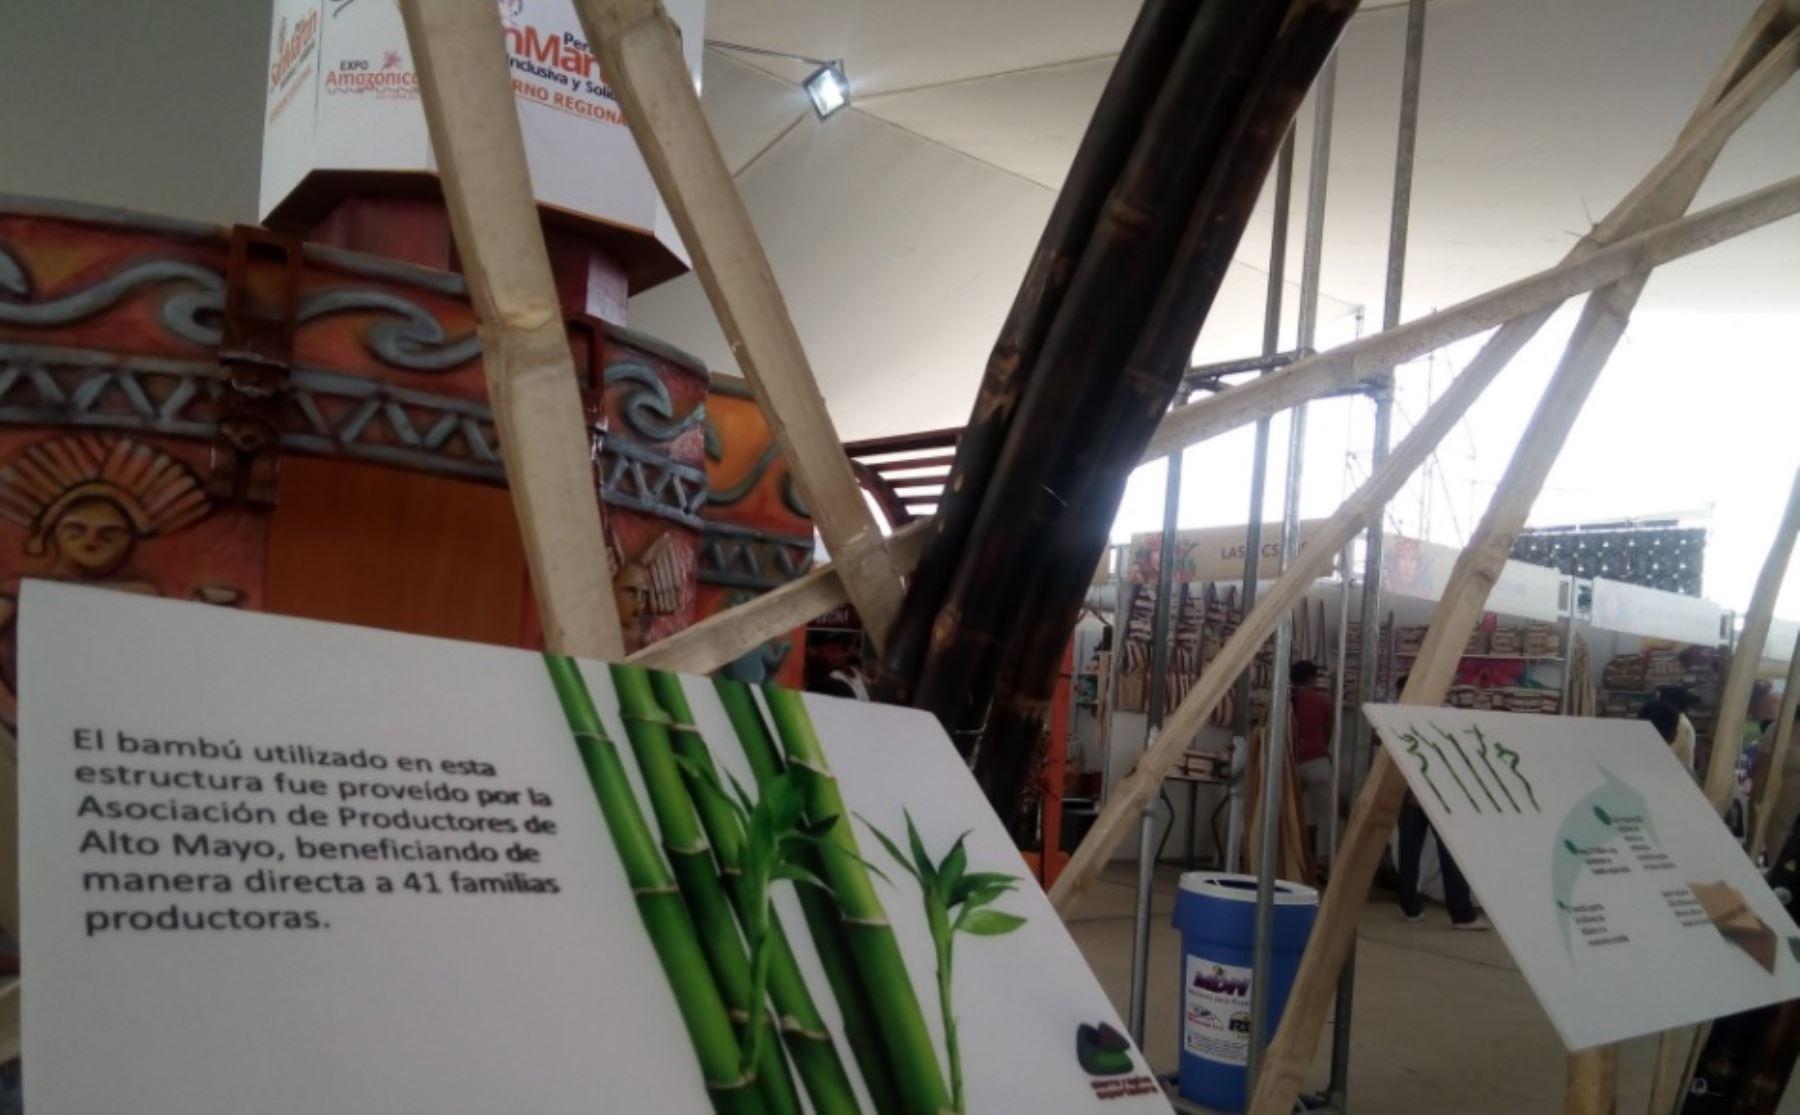 Sierra y Selva Exportadora está presente en la Expo Amazónica 2017 con un novedoso estand hecho a base de bambú, el cual fija media tonelada de dióxido de carbono (CO2), como un ejemplo de mitigación al cambio climático y que contribuye a proteger el medio ambiente.